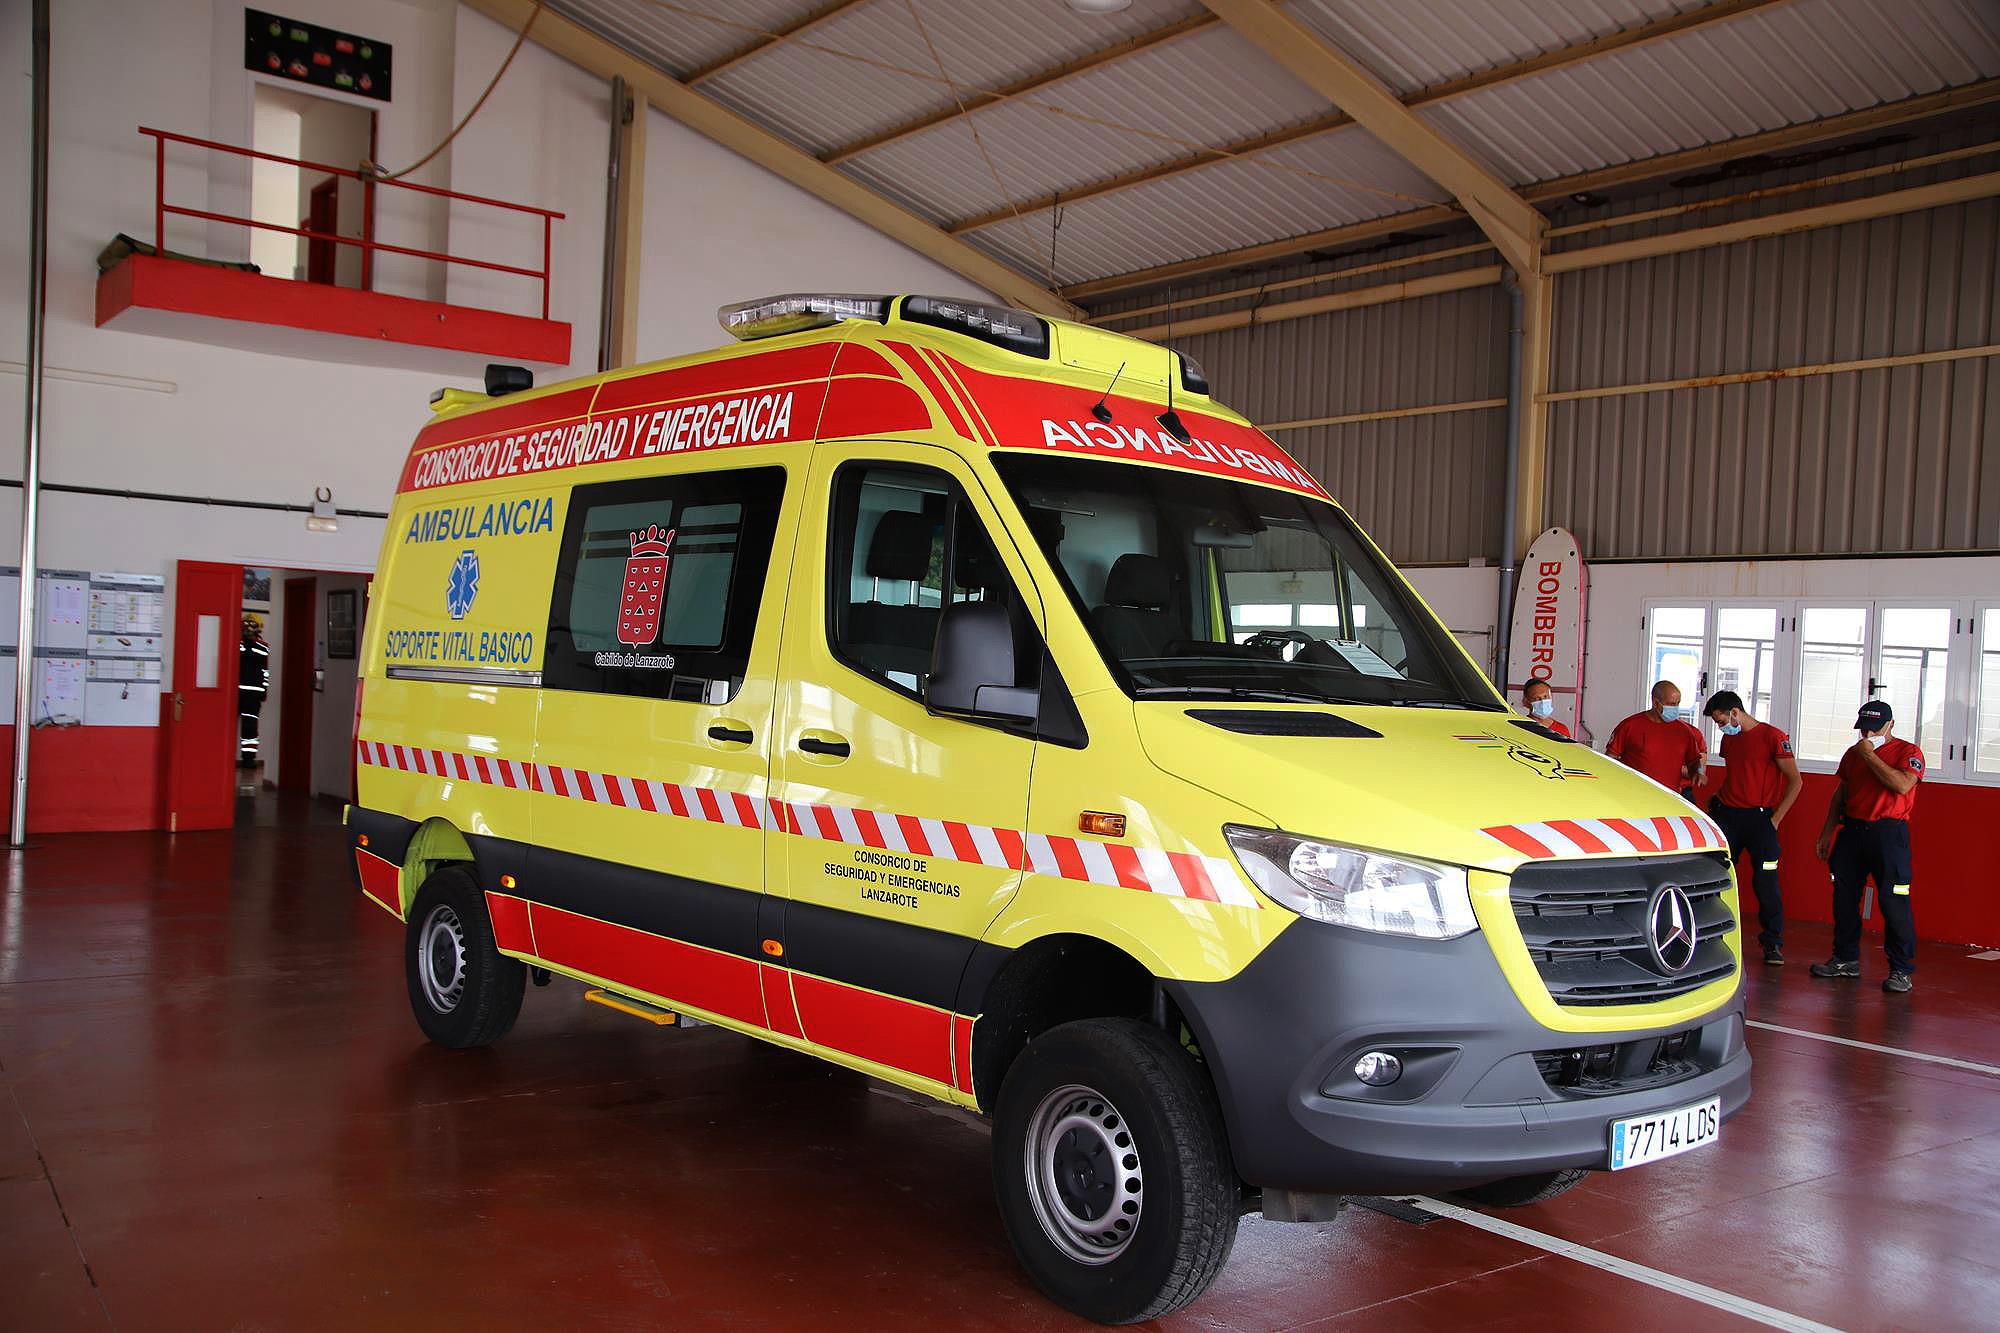 El Consorcio de Seguridad y Emergencias de Lanzarote adquiere una ambulancia de soporte vital básico destinada a los servicios de la COVID-19